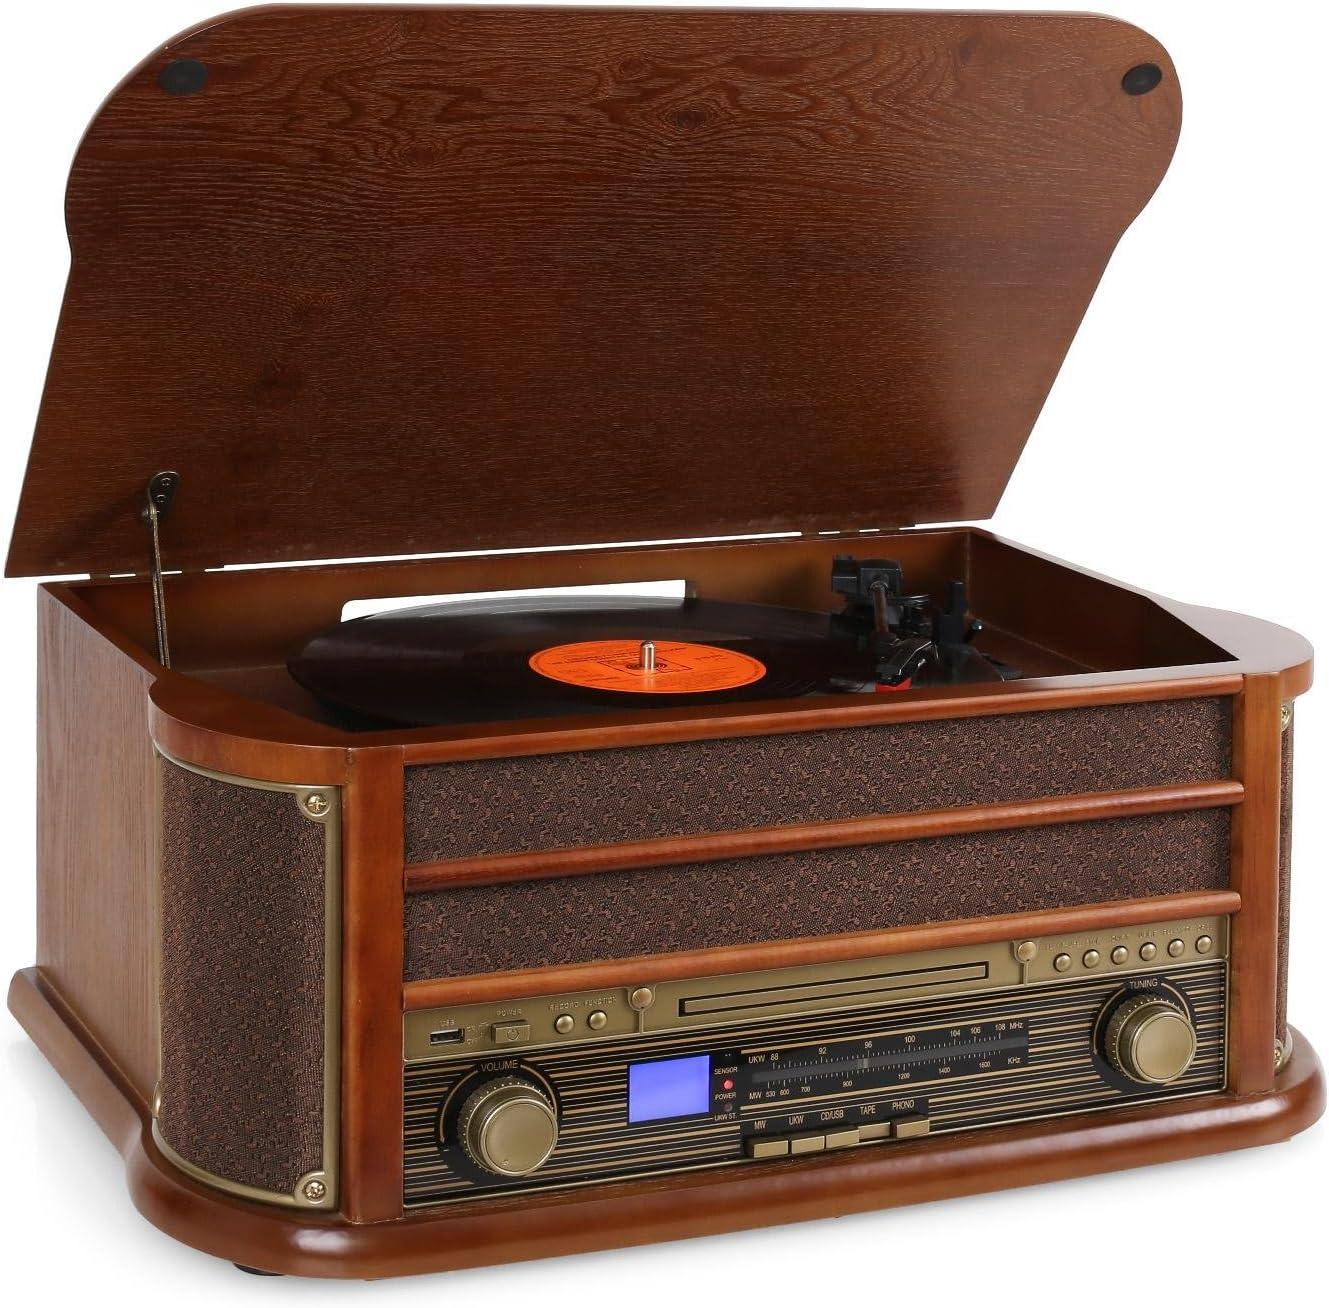 auna Belle Epoque 1908 - estéreo, Toca Discos de Vinilo, accionamiento por Correa, Altavoces estéreo, Radio, Receptor FM / Am, Ranura USB